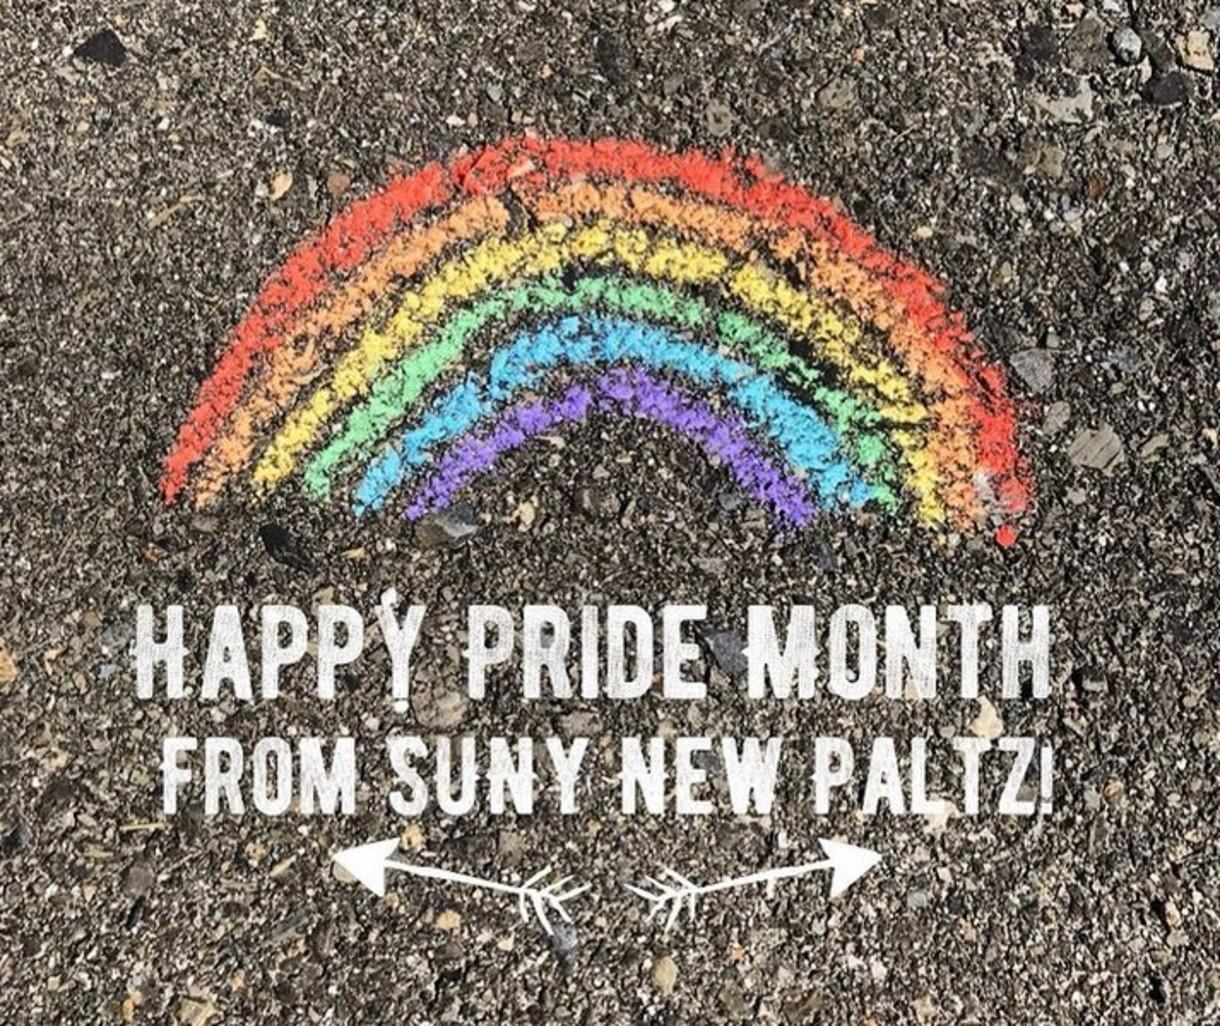 New Paltz LGBTQ+ on Instagram